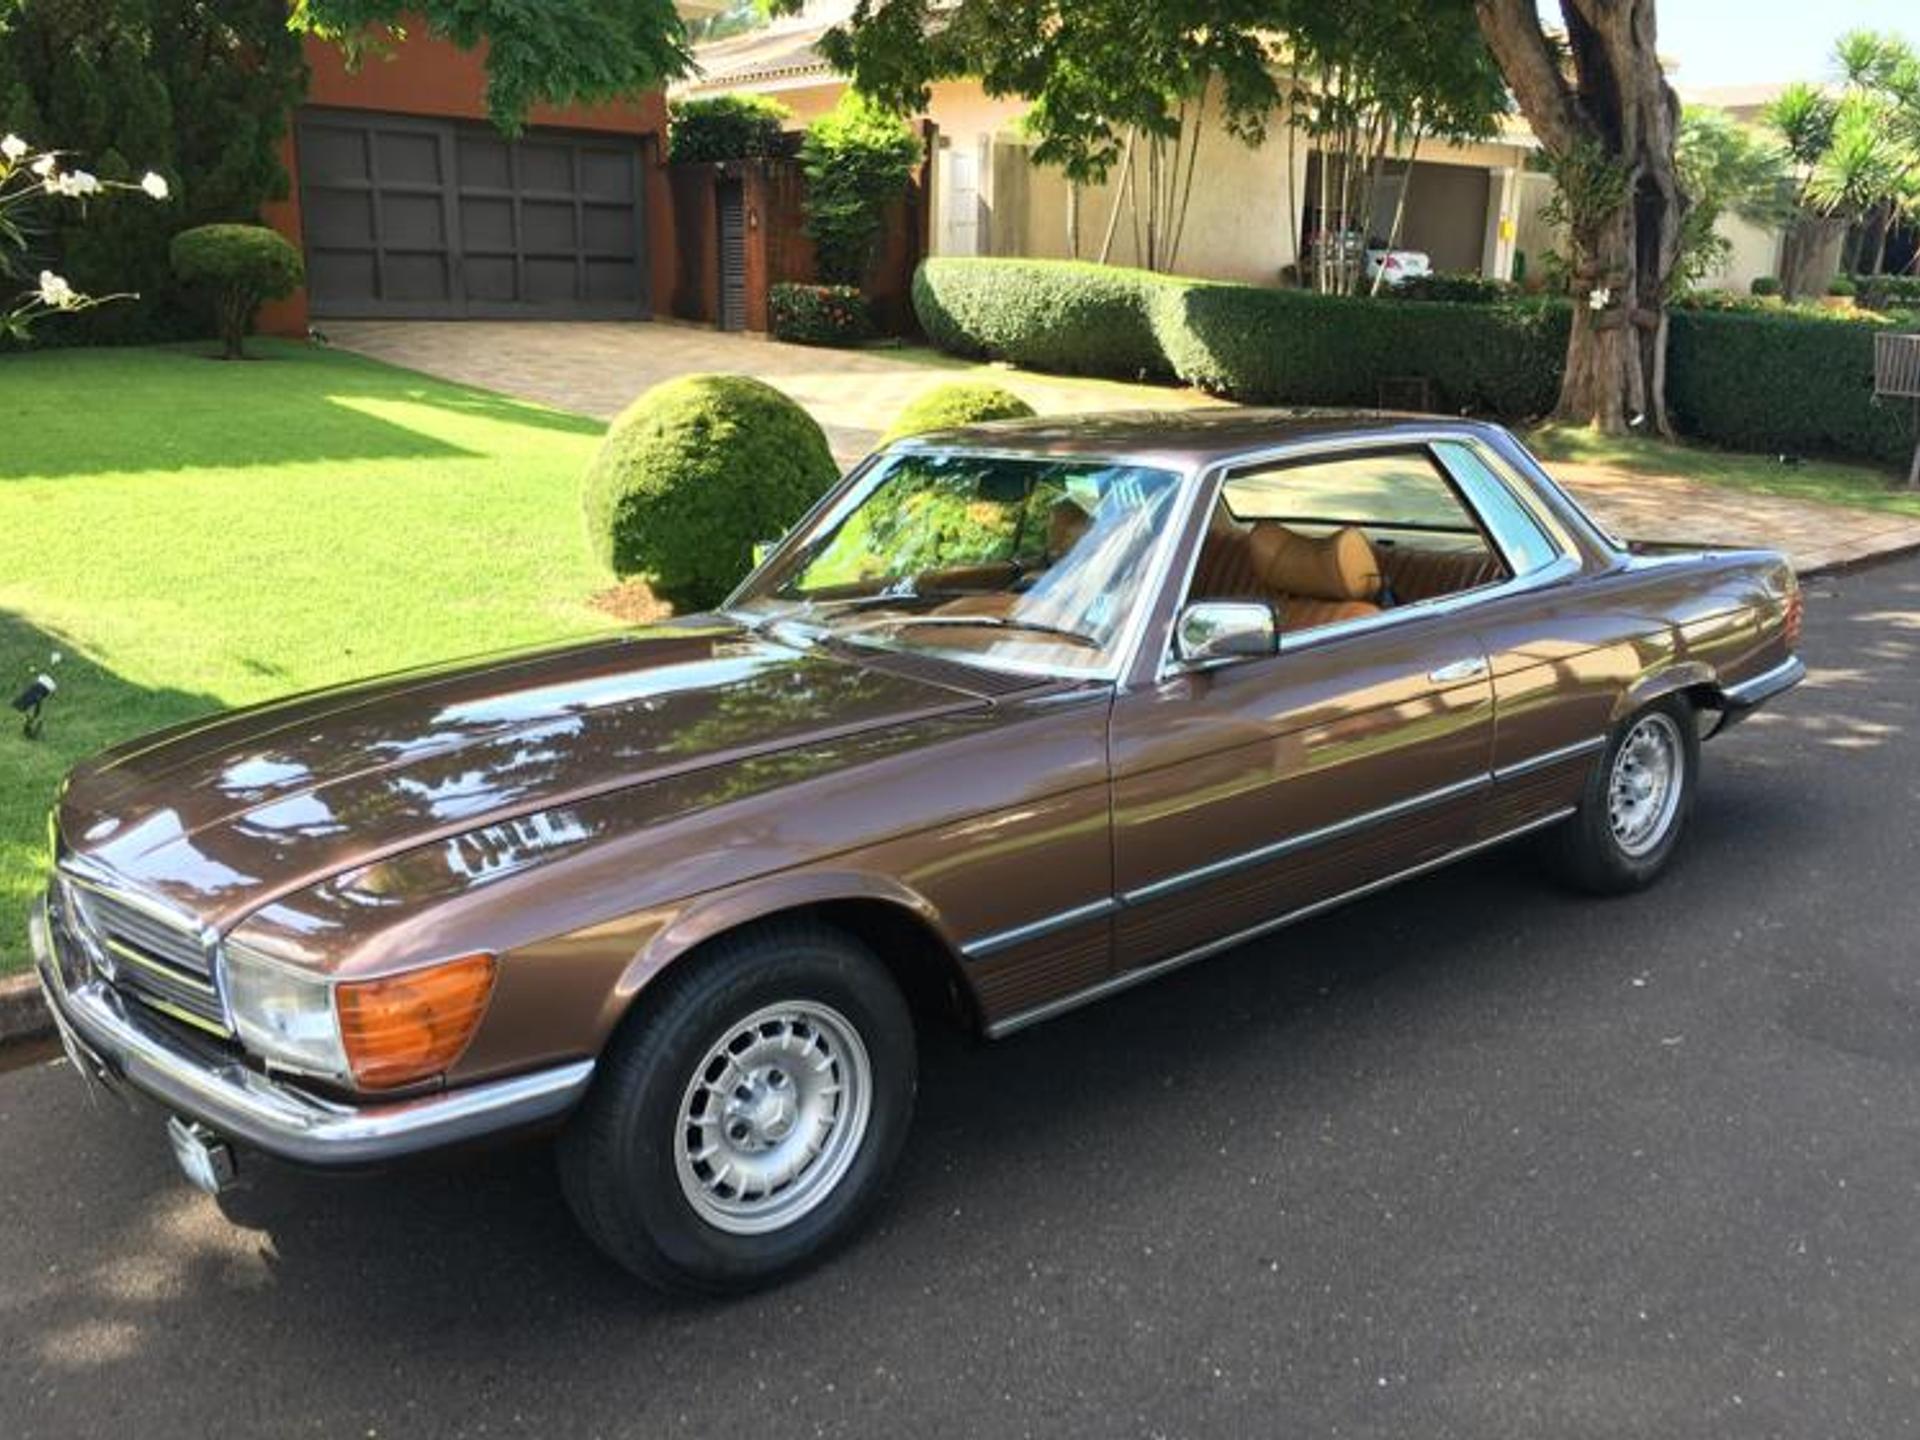 C107 SLC 280 1977 - R$ 100.000,00 Mercedesbenz-280-slc-2.8-i6-12v-gasolina-2p-automatico-wmimagem11104262553